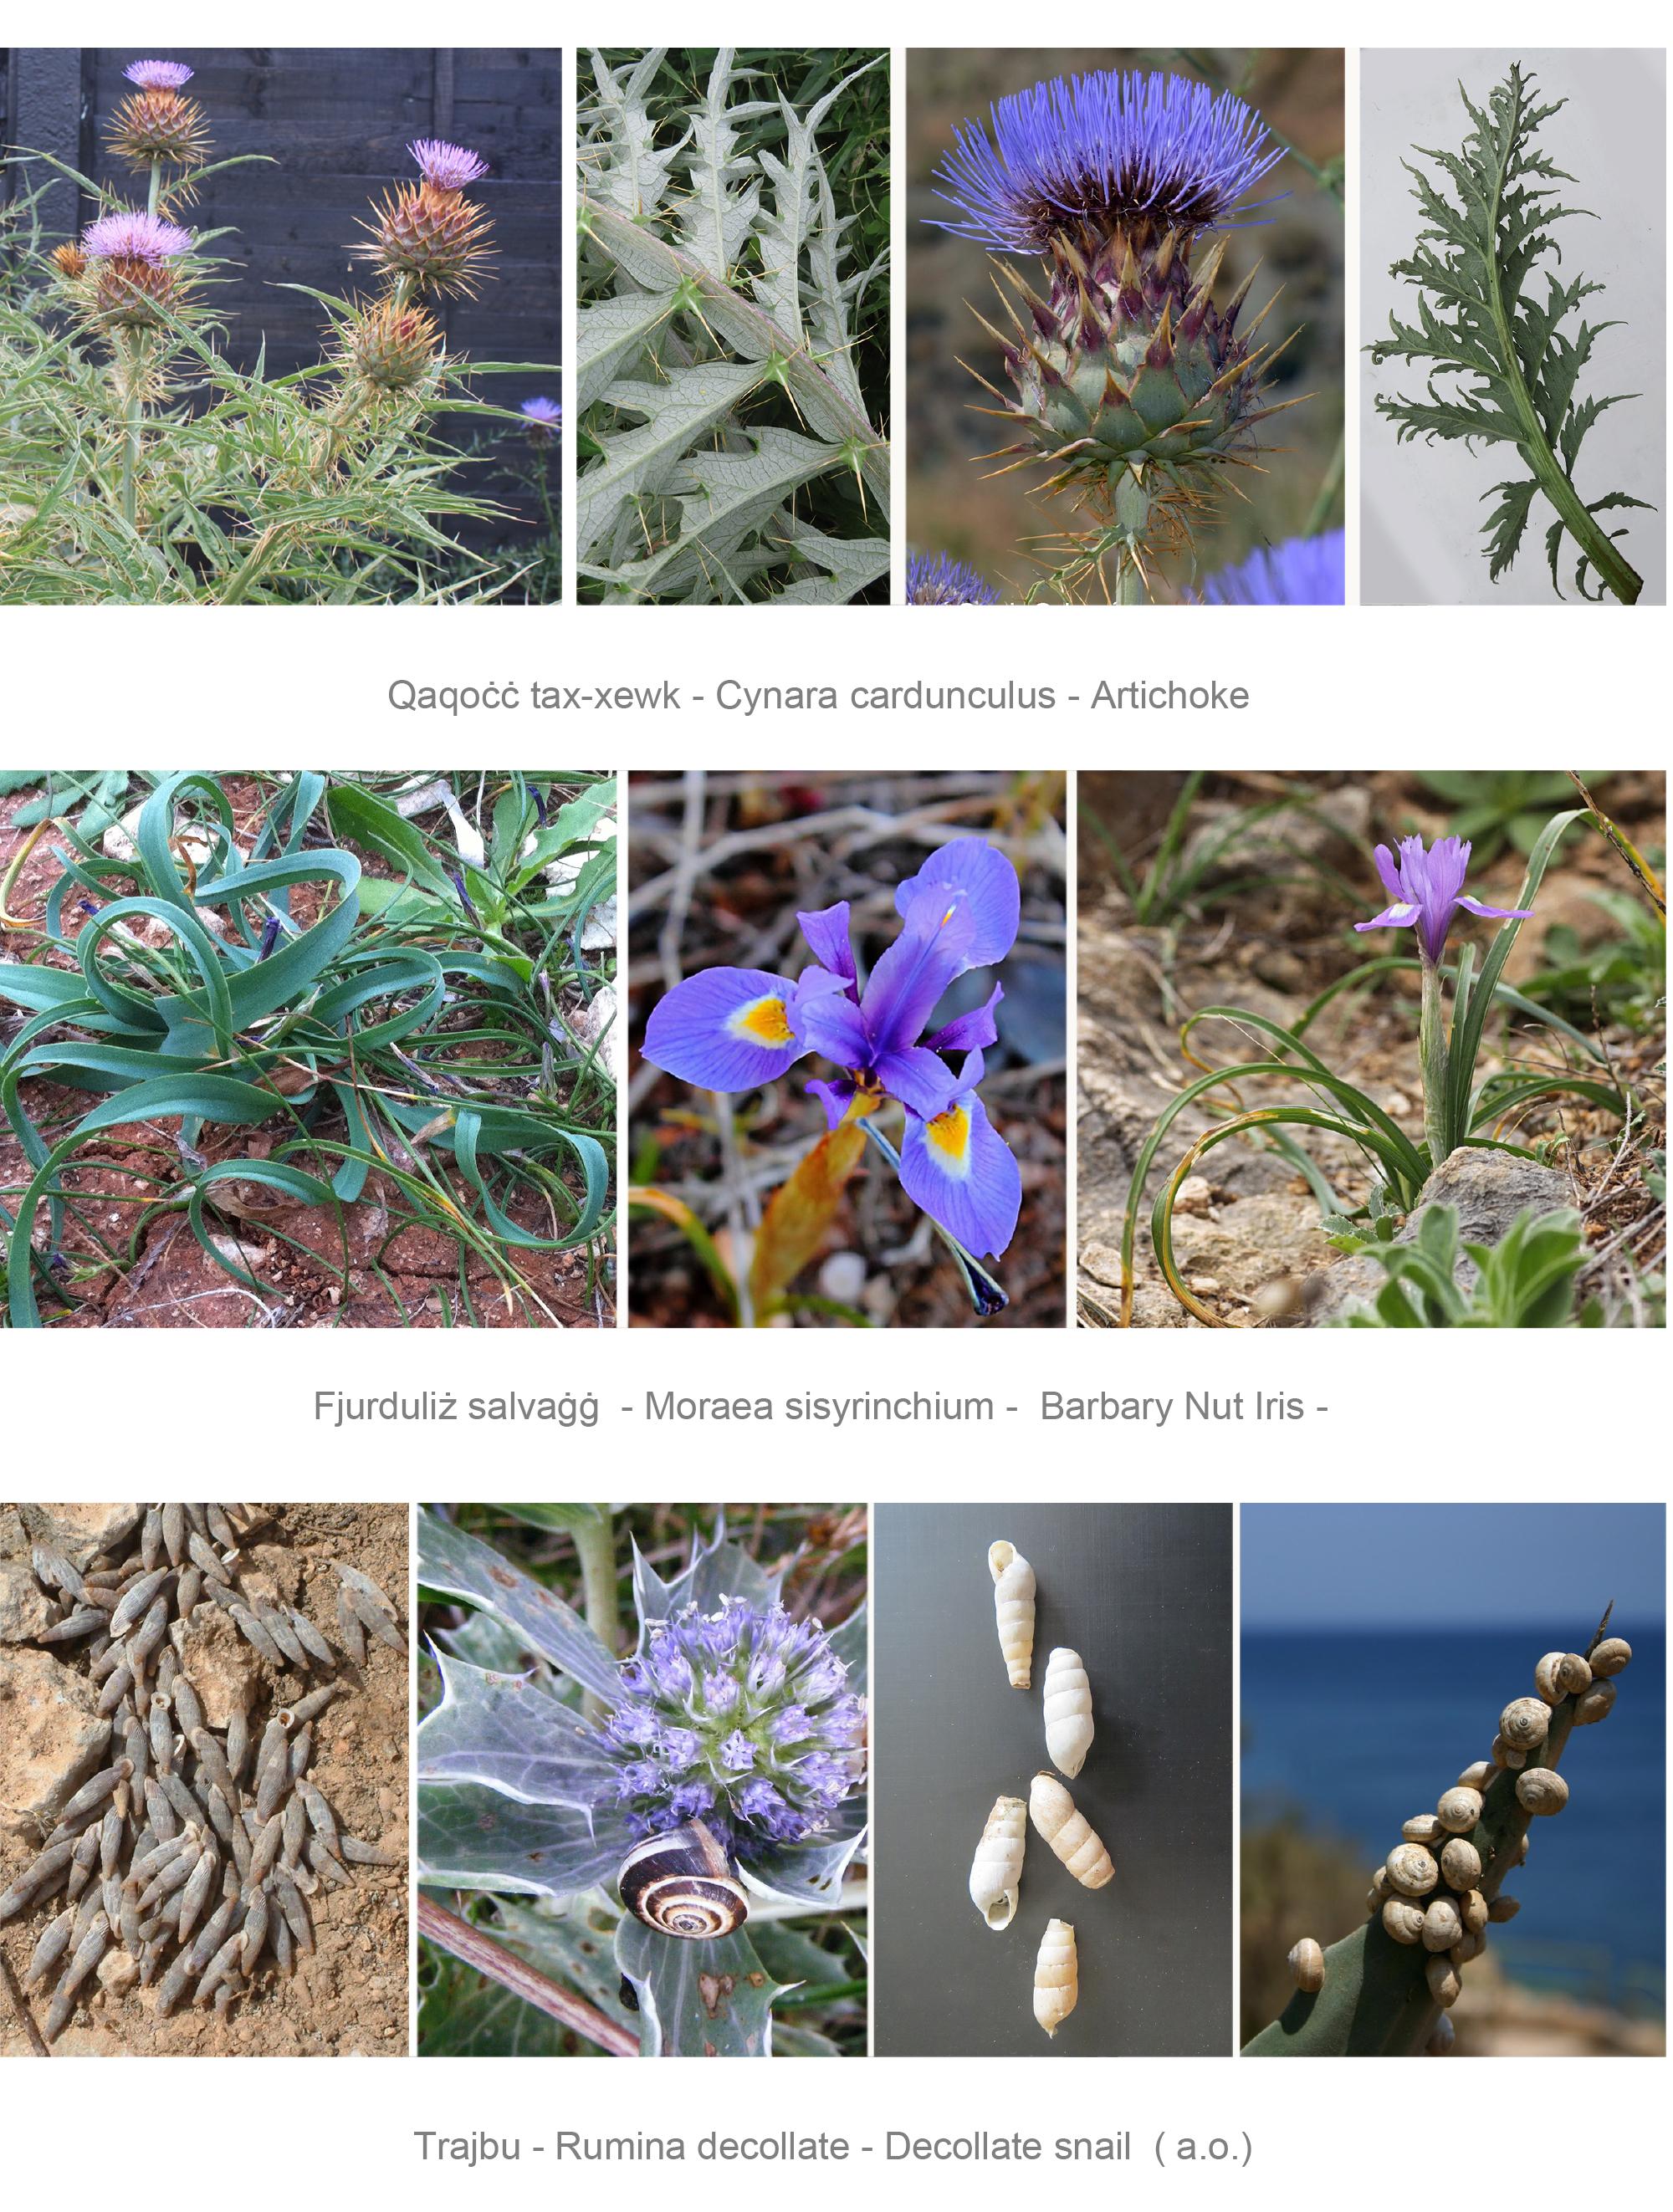 flora and fauna studies